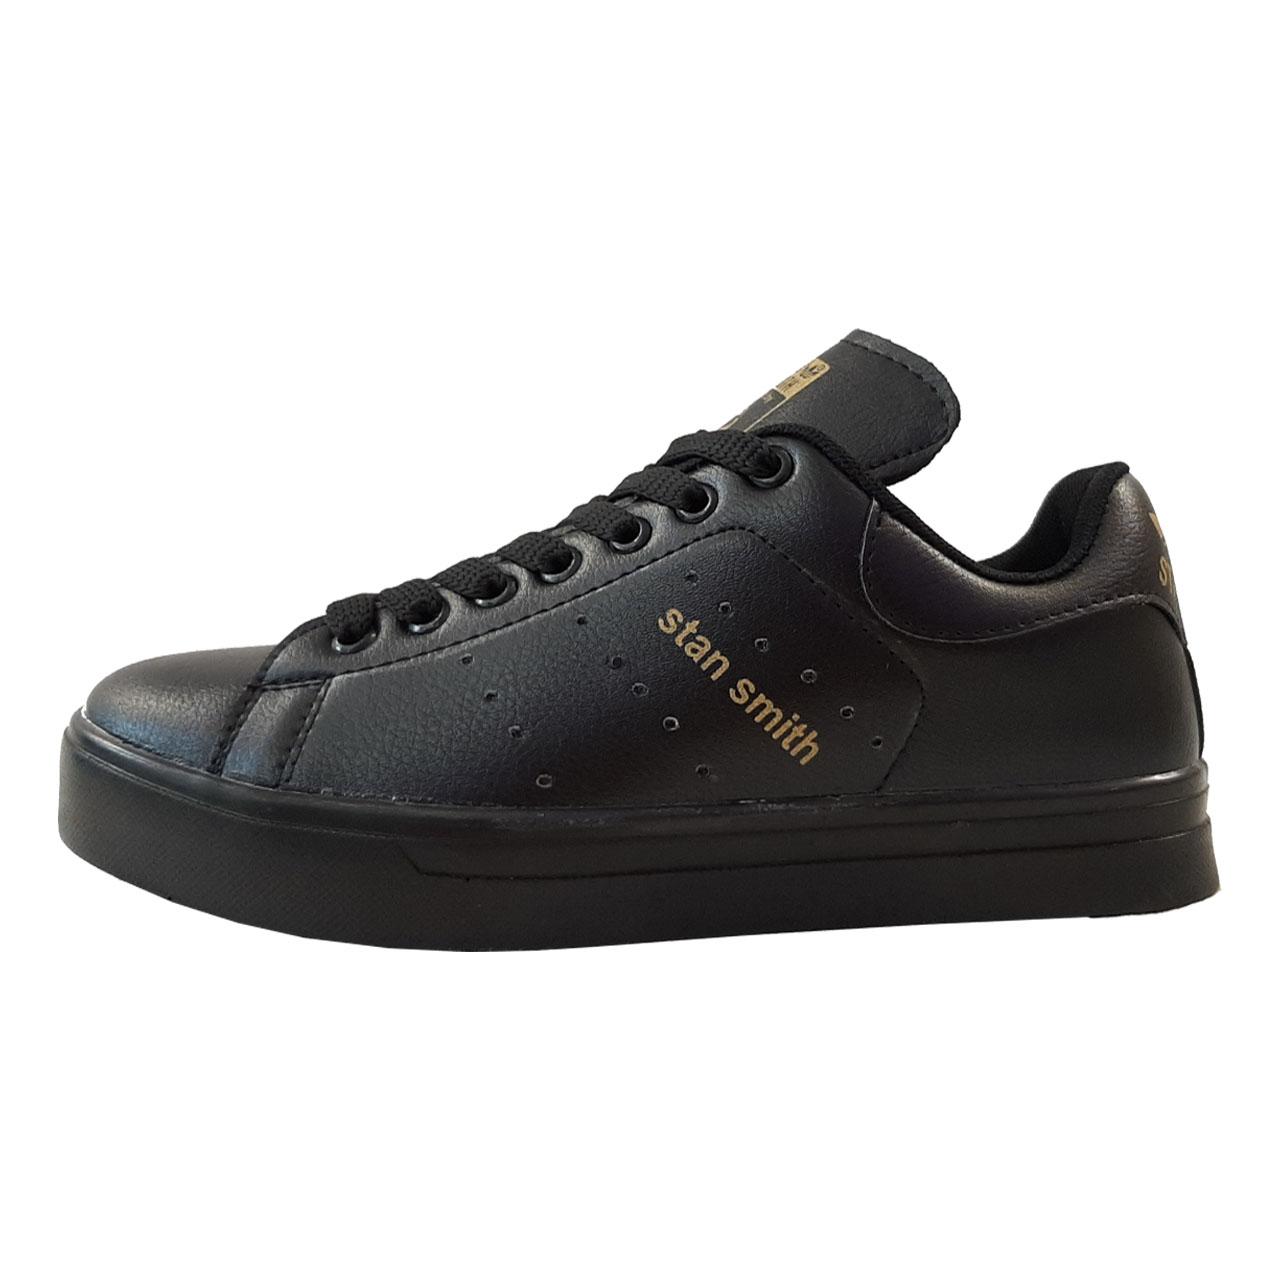 کفش راحتی زنانه مدل استن اسمیت کد 276